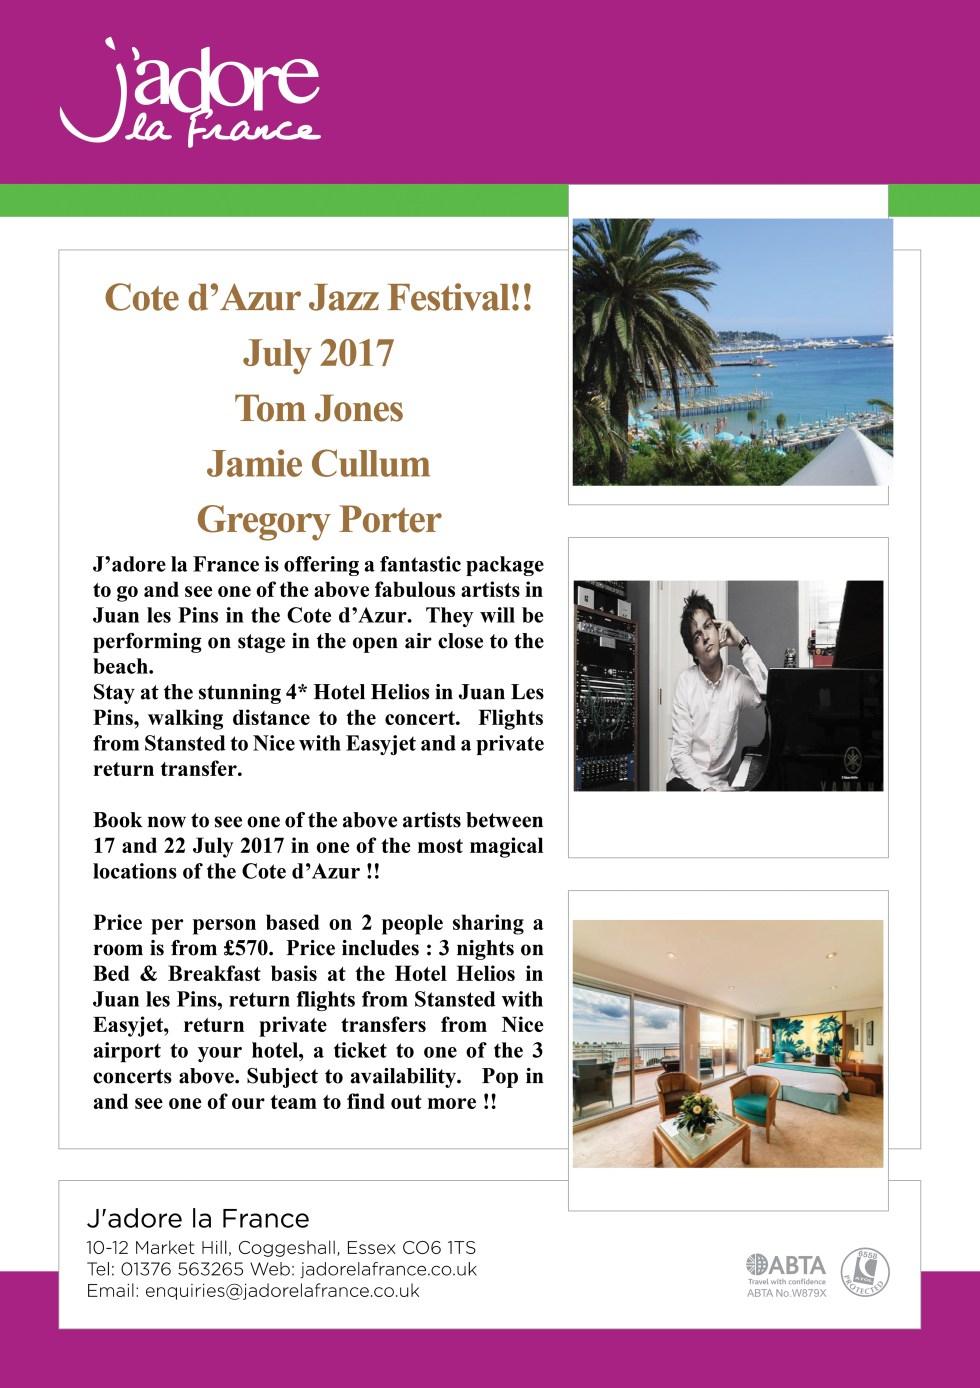 Jazz Festival Cote d'Azur